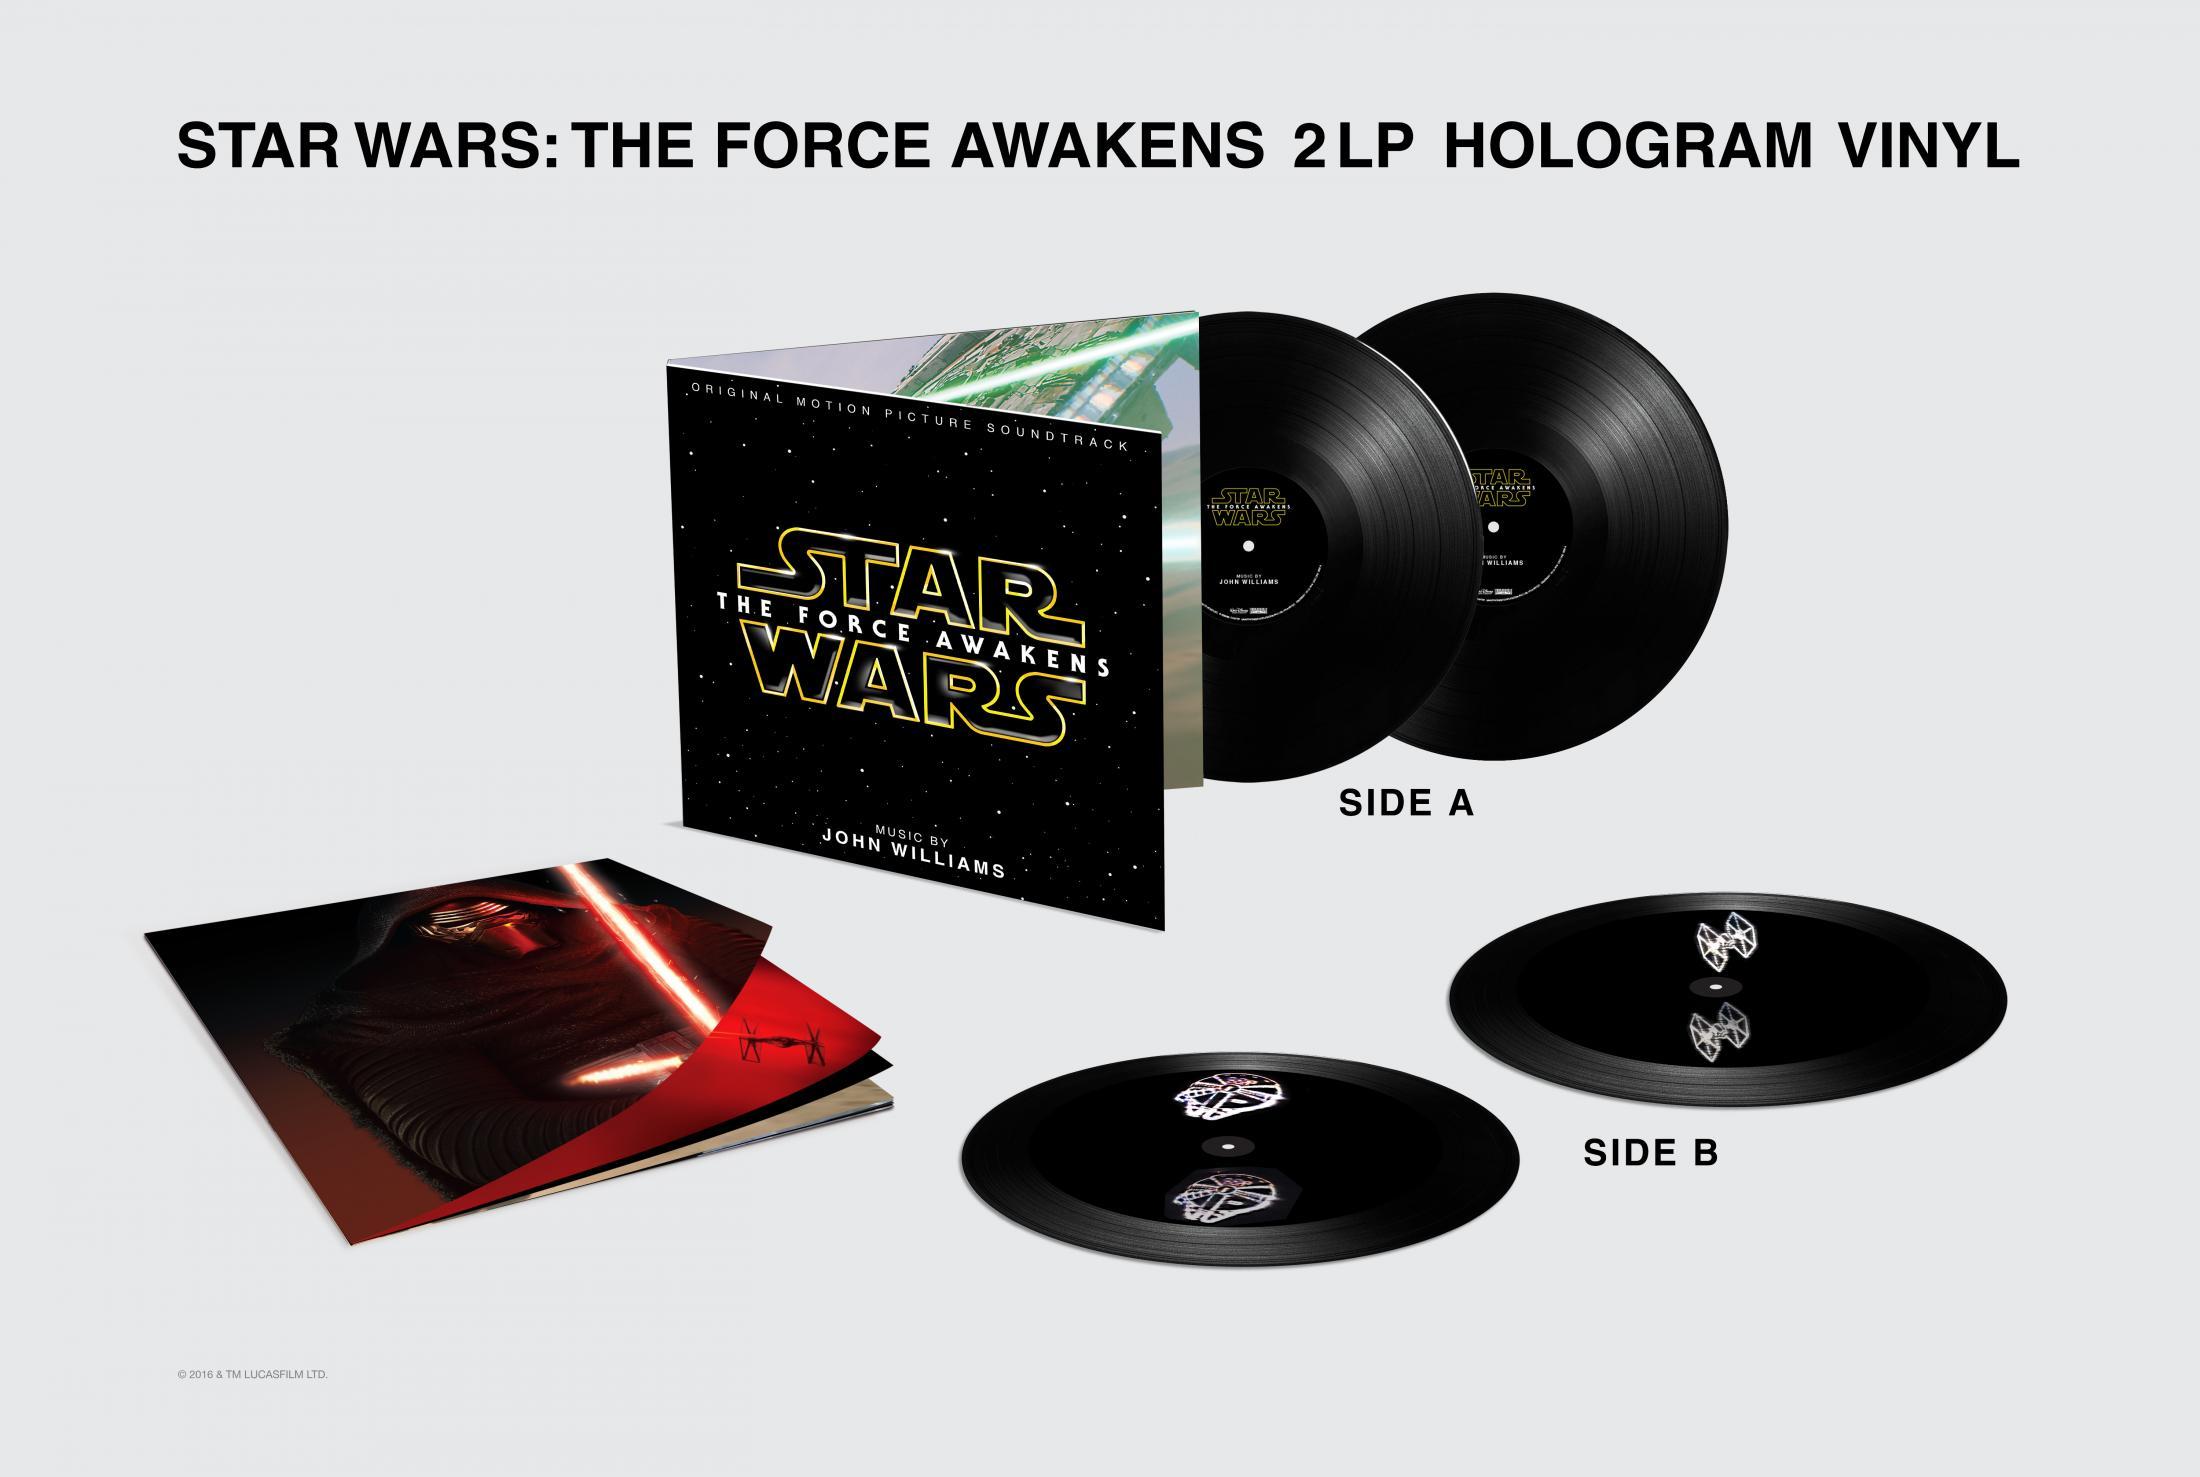 Thumbnail for Star Wars The Force Awakens 3D Hologram Vinyl